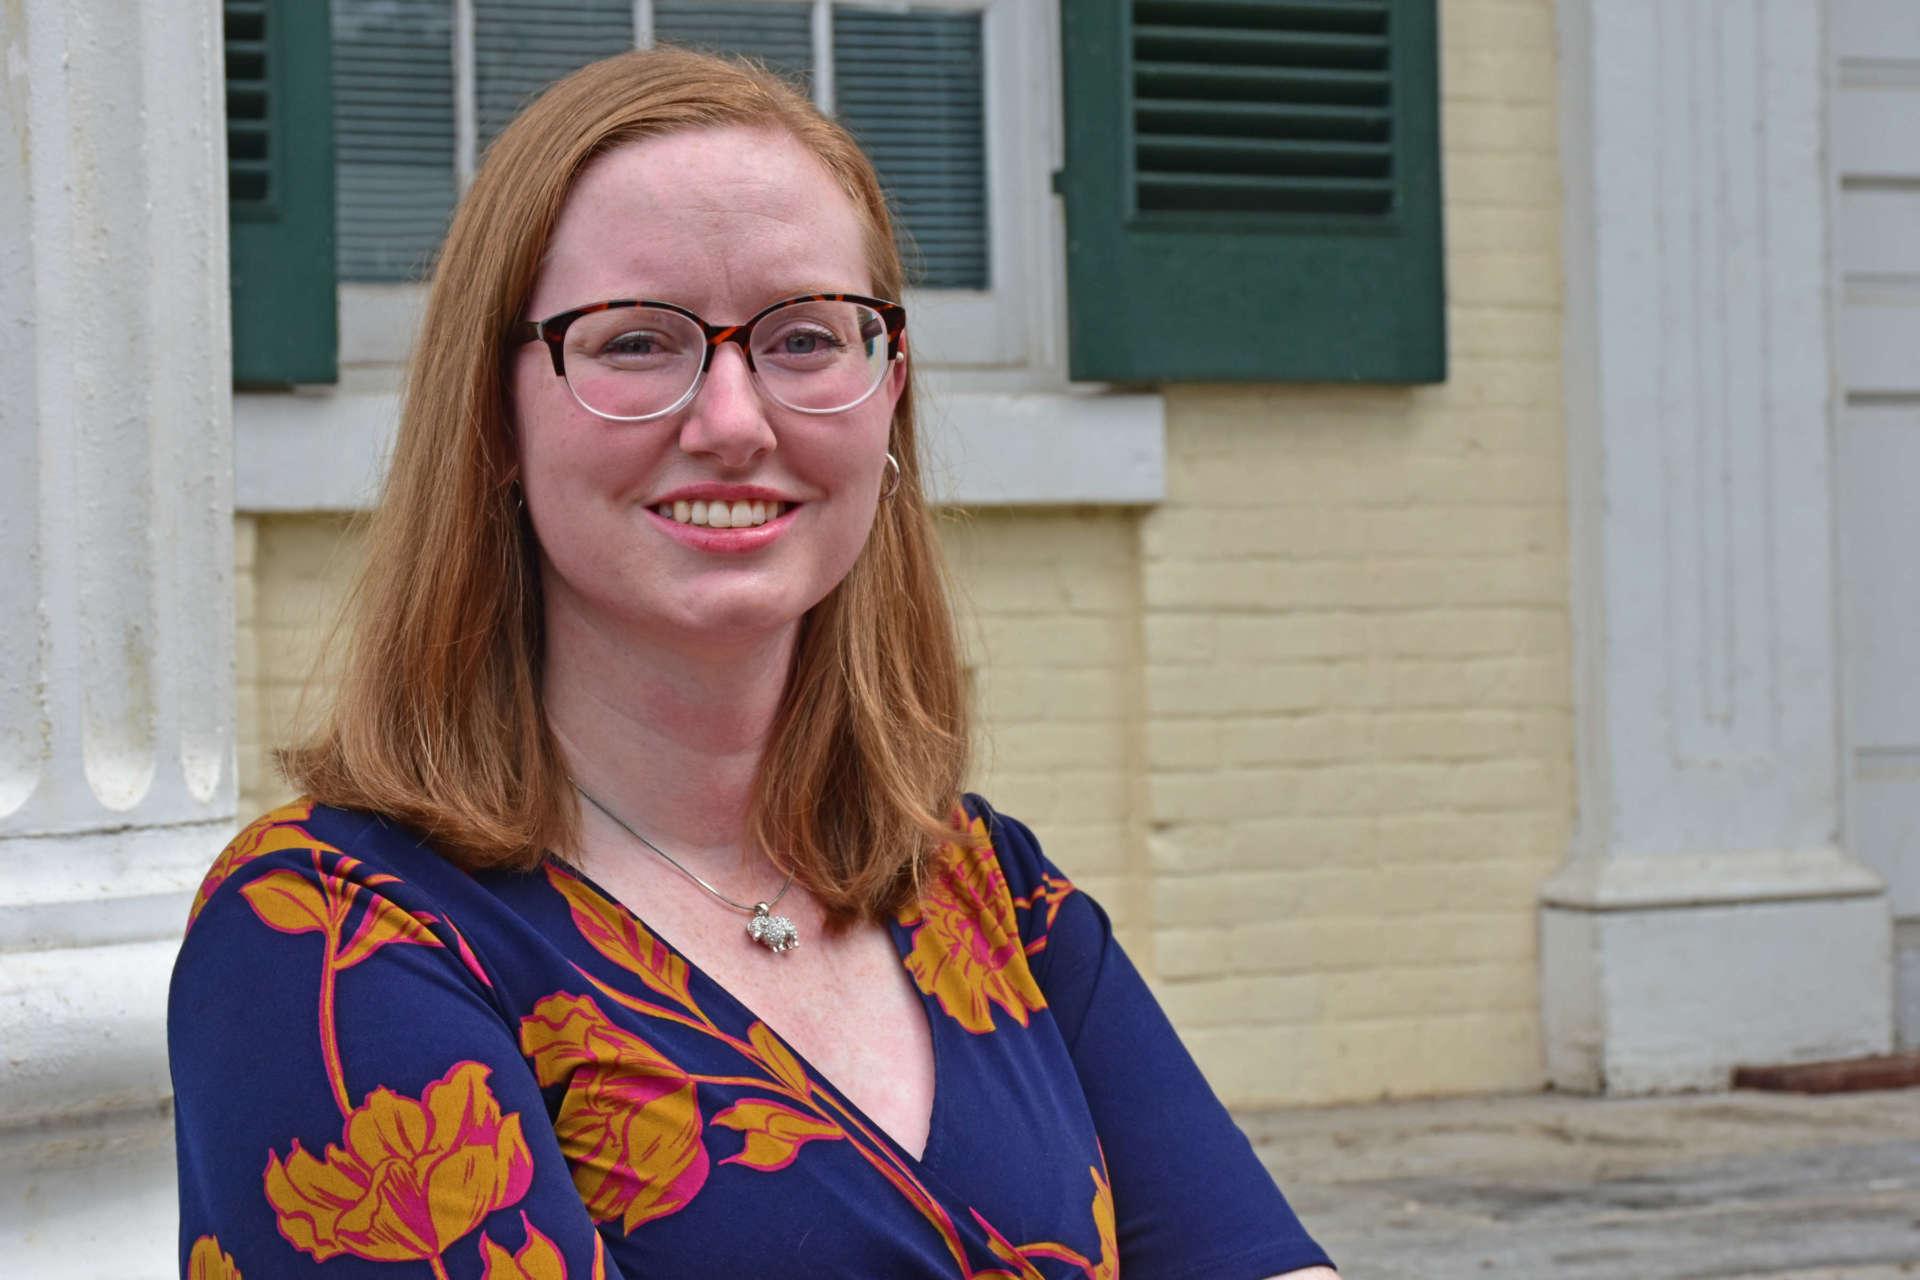 Katie Gordon, director of Alumni Affairs